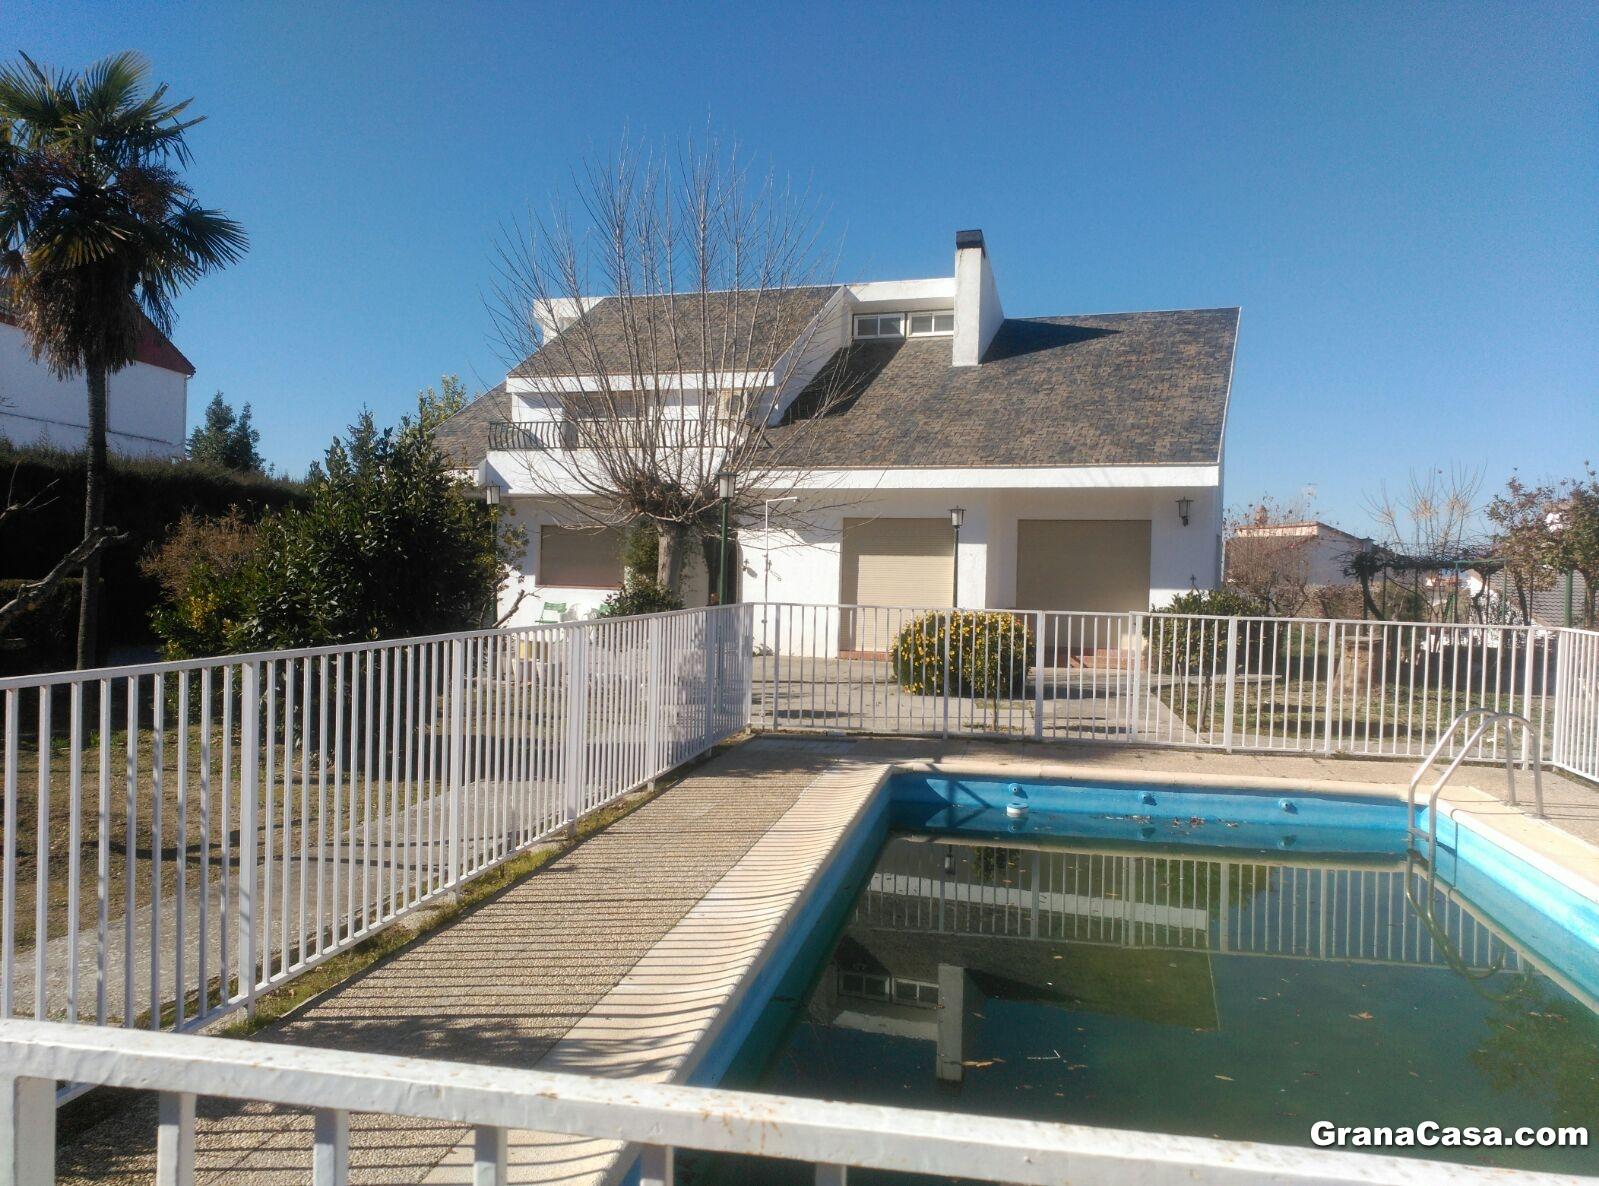 Casa con piscina en ogijares para alquiler vacacional o for Alquiler vacacional de casas con piscina en sevilla